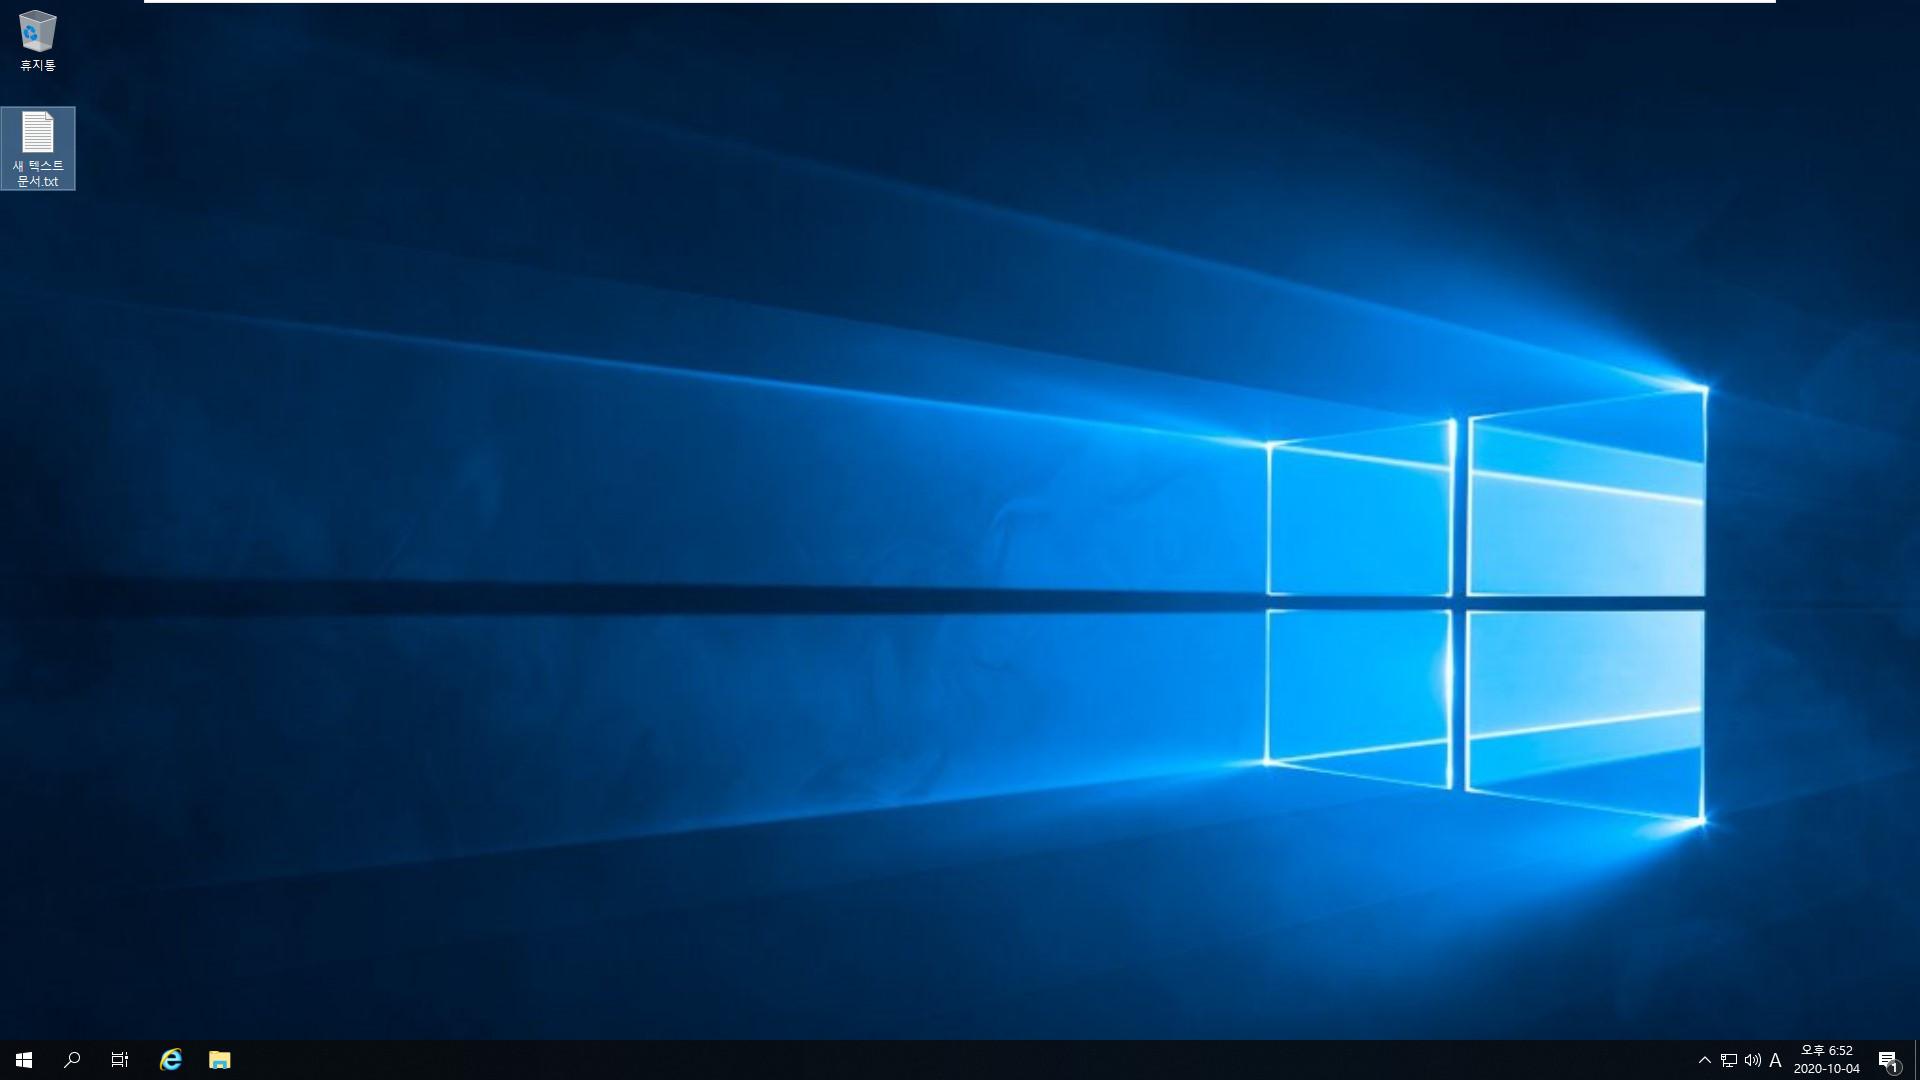 윈도우 서버군은 윈도우 사용중에도 자체 WBadmin 명령으로 윈도우 복구를 합니다 - Windows Server 2019로 복구 테스트 2020-10-04_185207.jpg